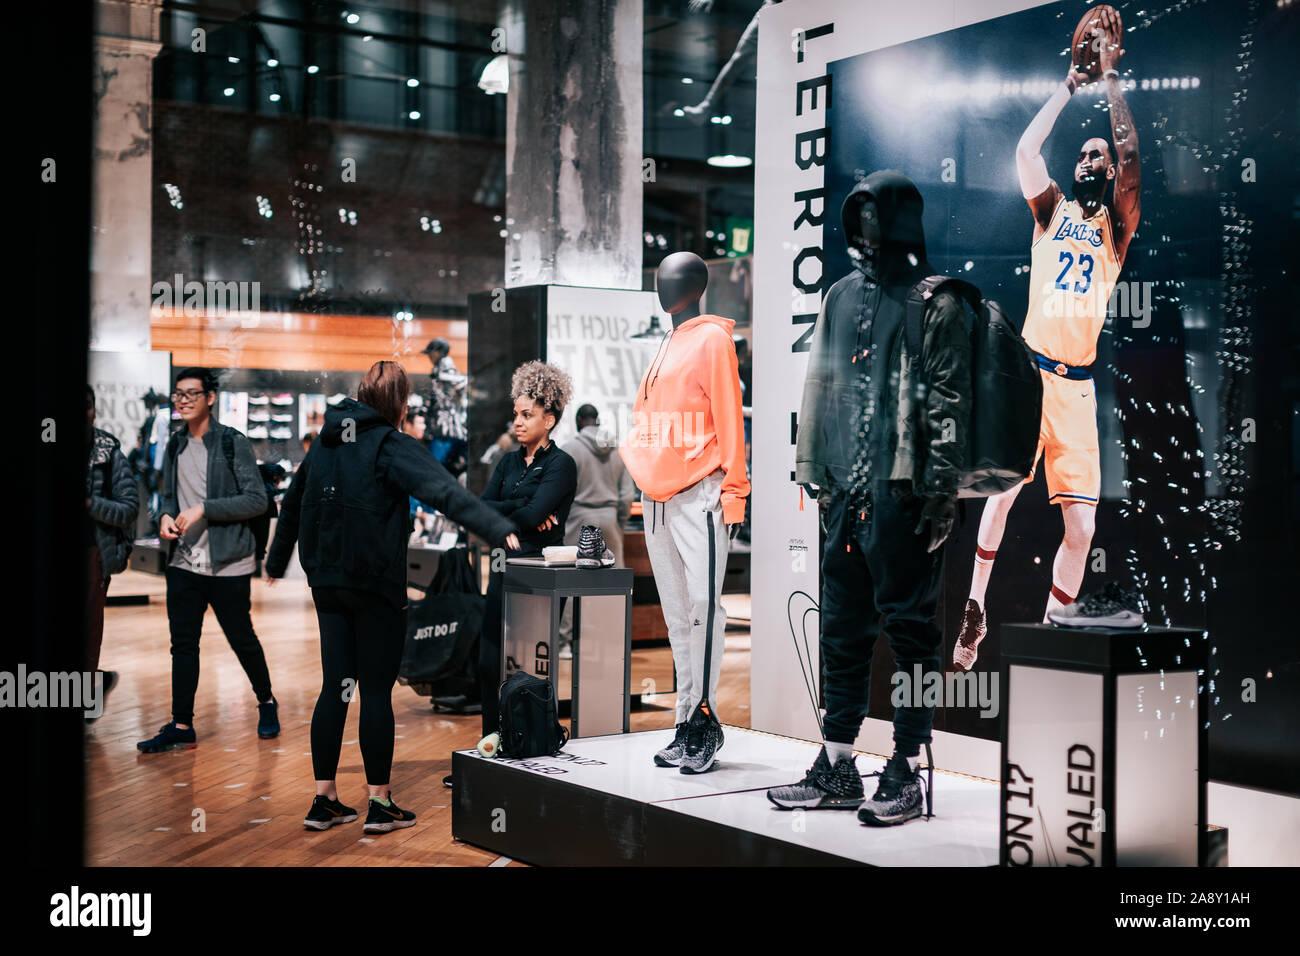 Dare diritti possibilità sprecare  Nike Store Interior High Resolution Stock Photography and Images - Alamy